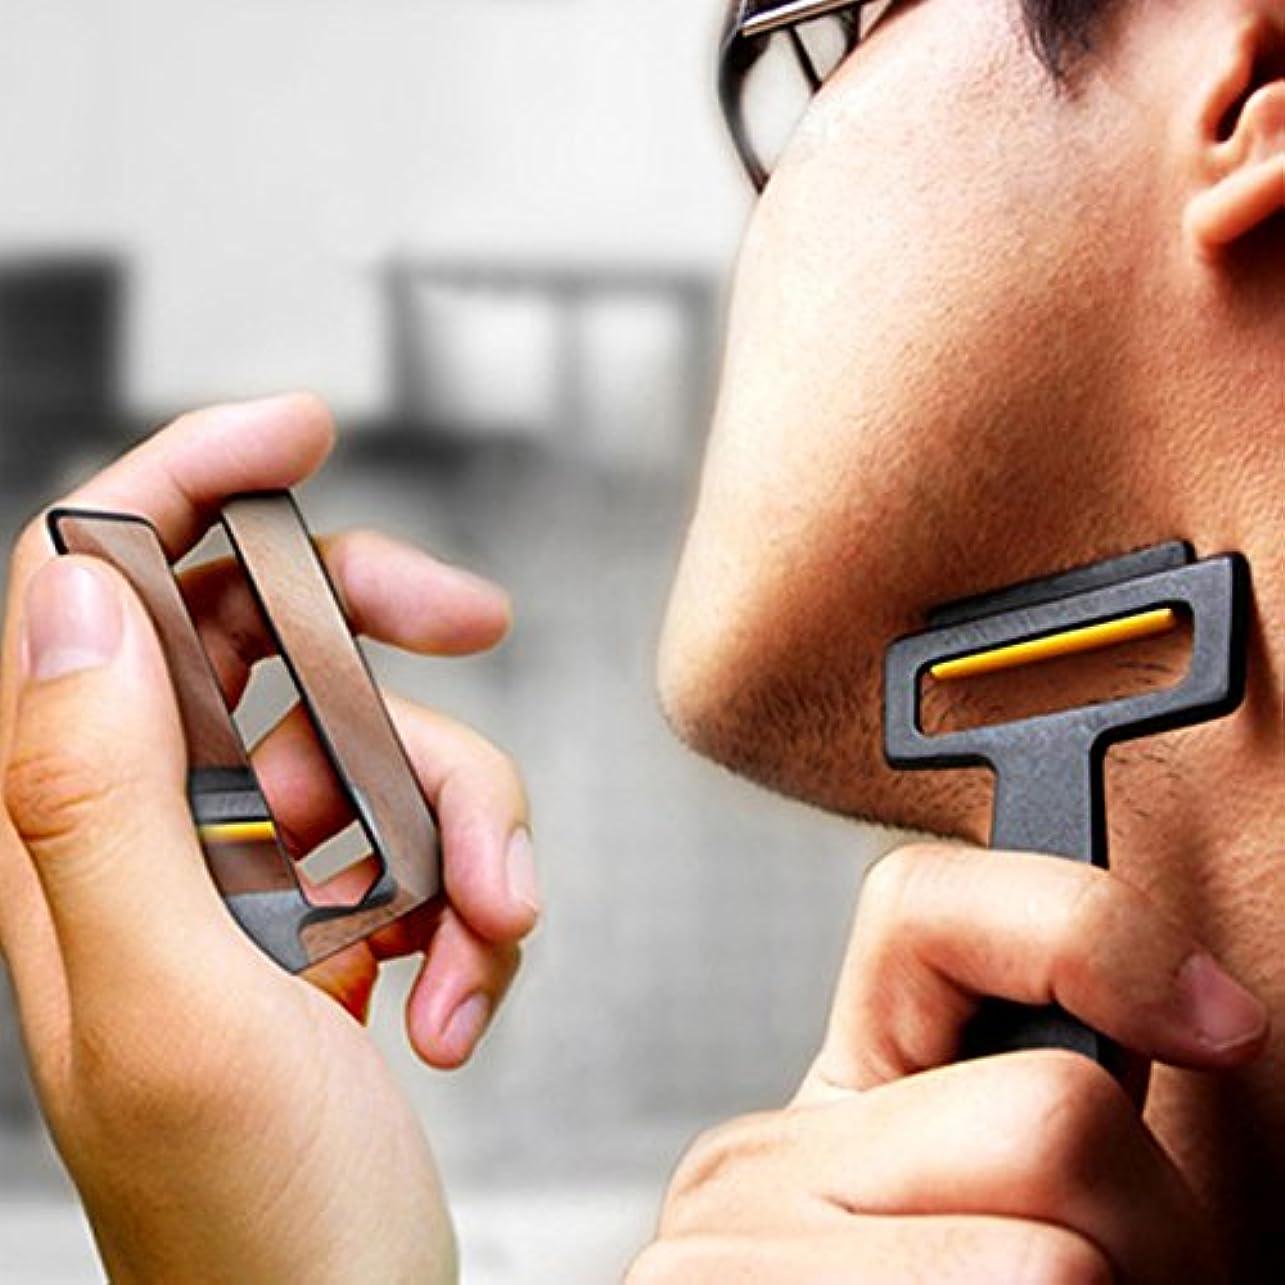 長いですに賛成育成Pogass Carzor 3 In 1 Card設計された財布ミニかみそりビードポータブルひげ剃りミラースタンドキット